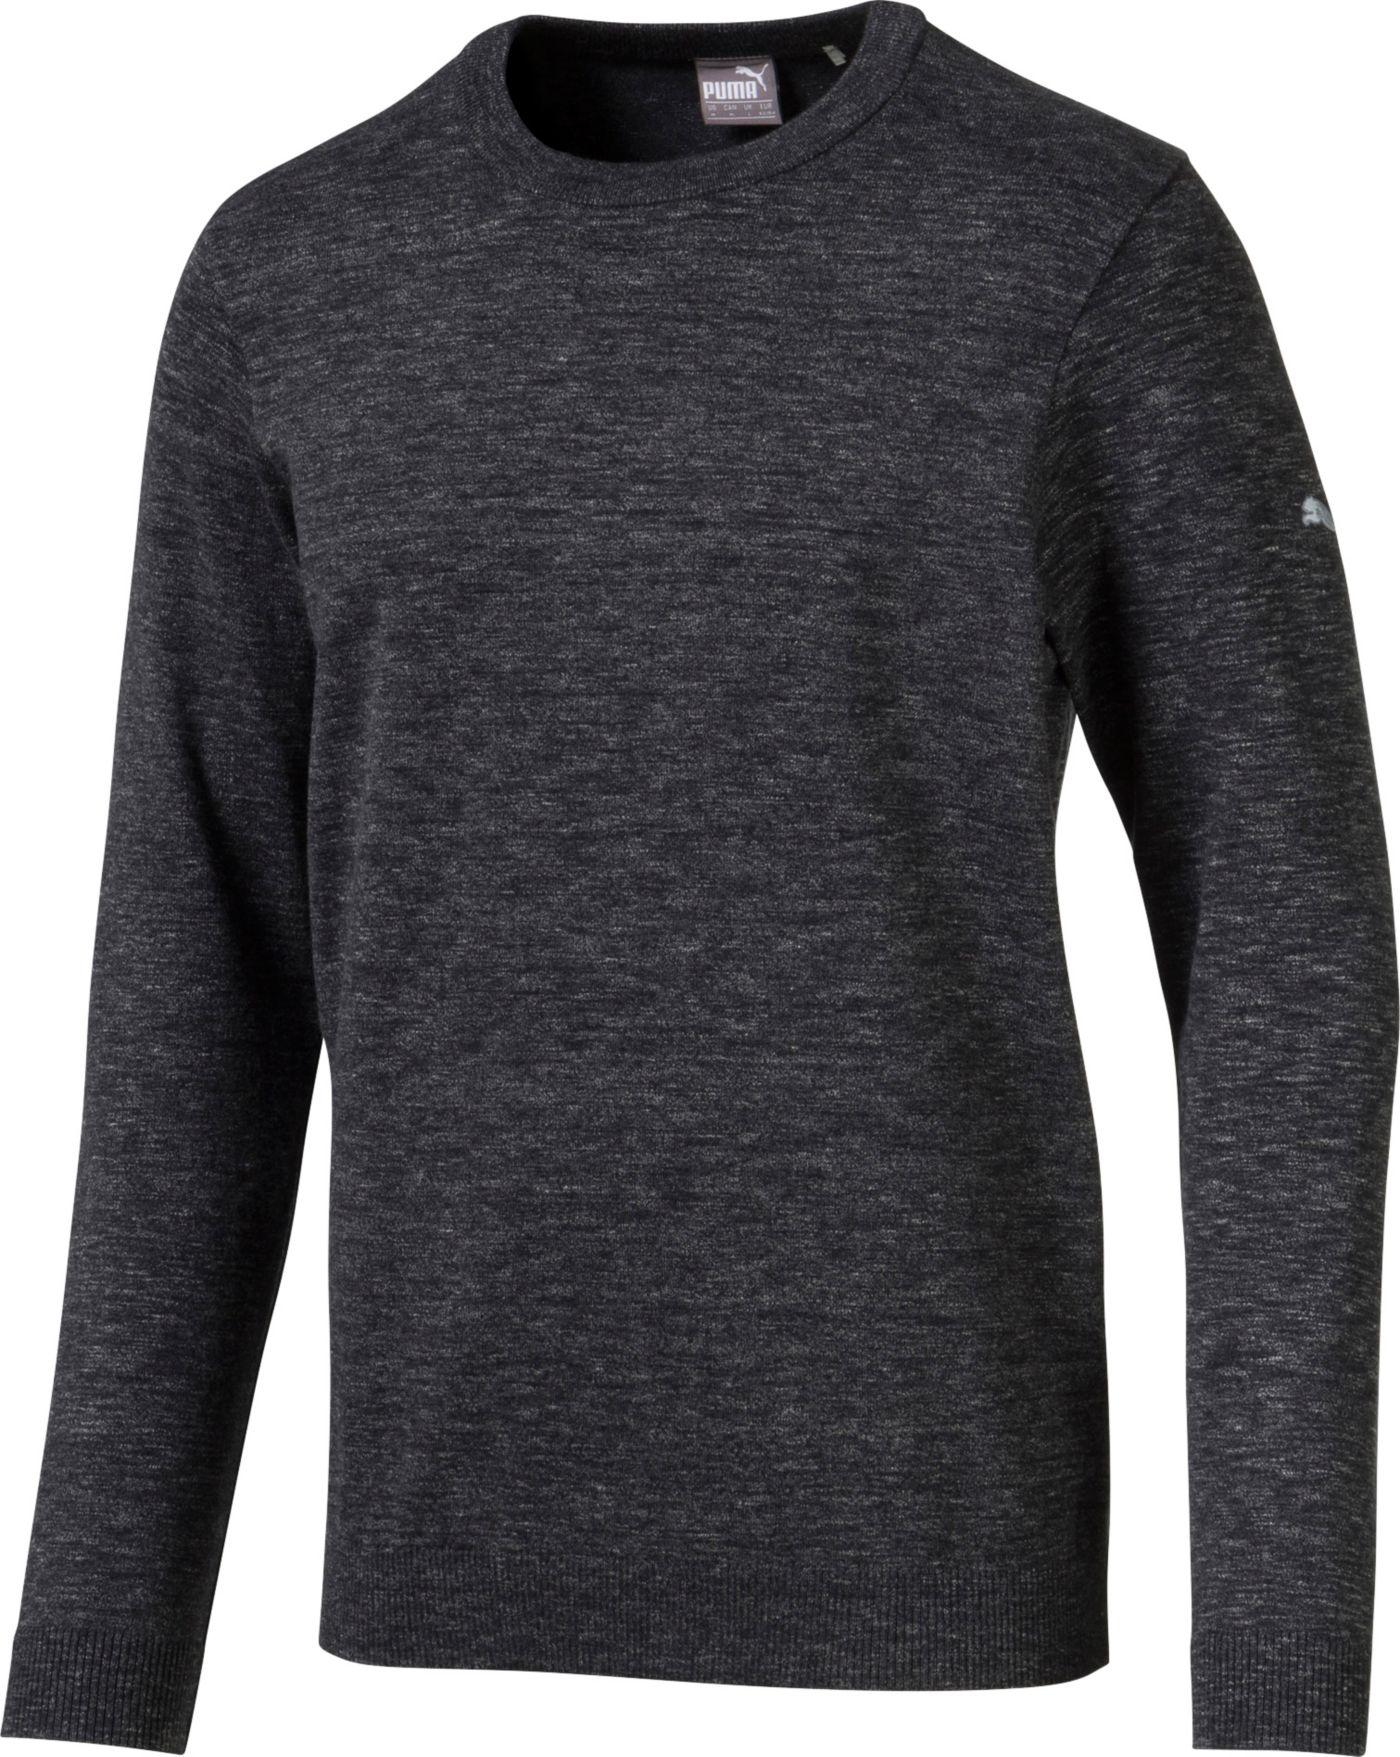 PUMA Men's Crew Neck Golf Sweater